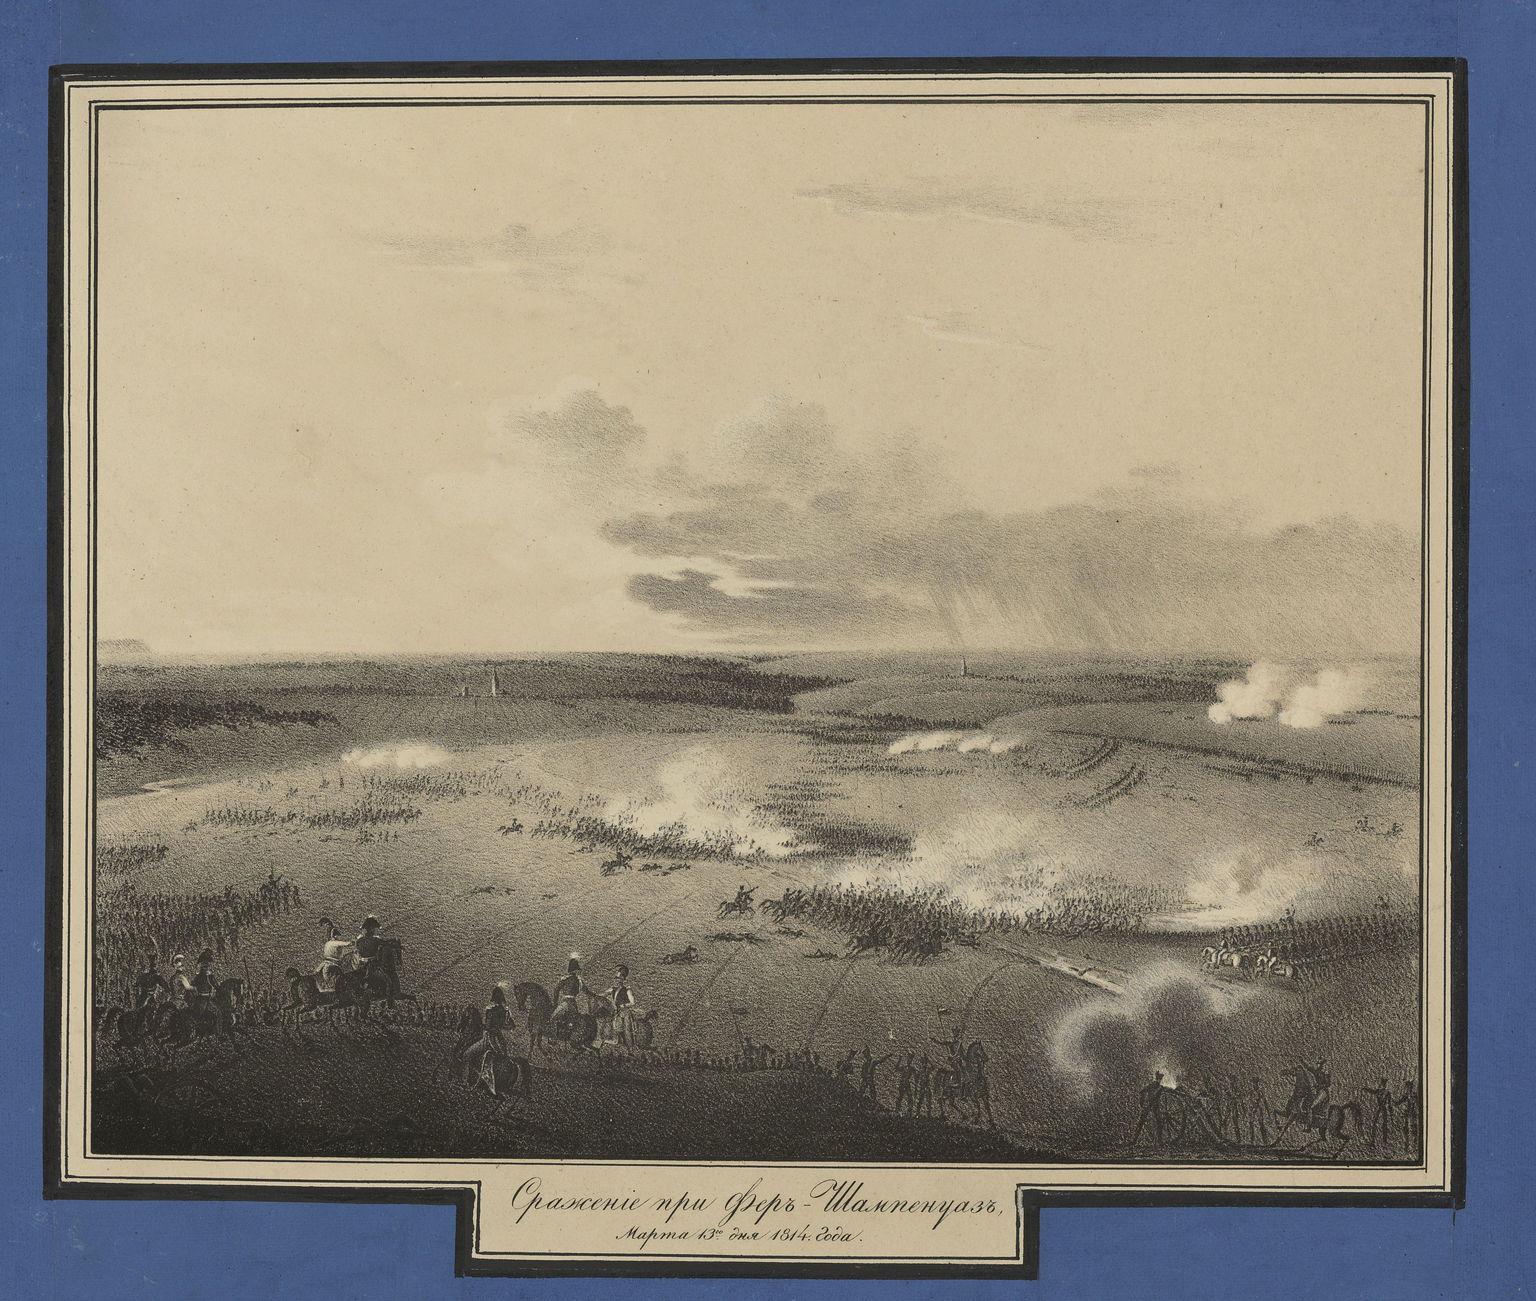 Литография С. Шифляра по рисунку А.И. Дмитриева-Мамонова Сражение при Фер-Шампенуазе марта 13 дня 1814 года, 1823